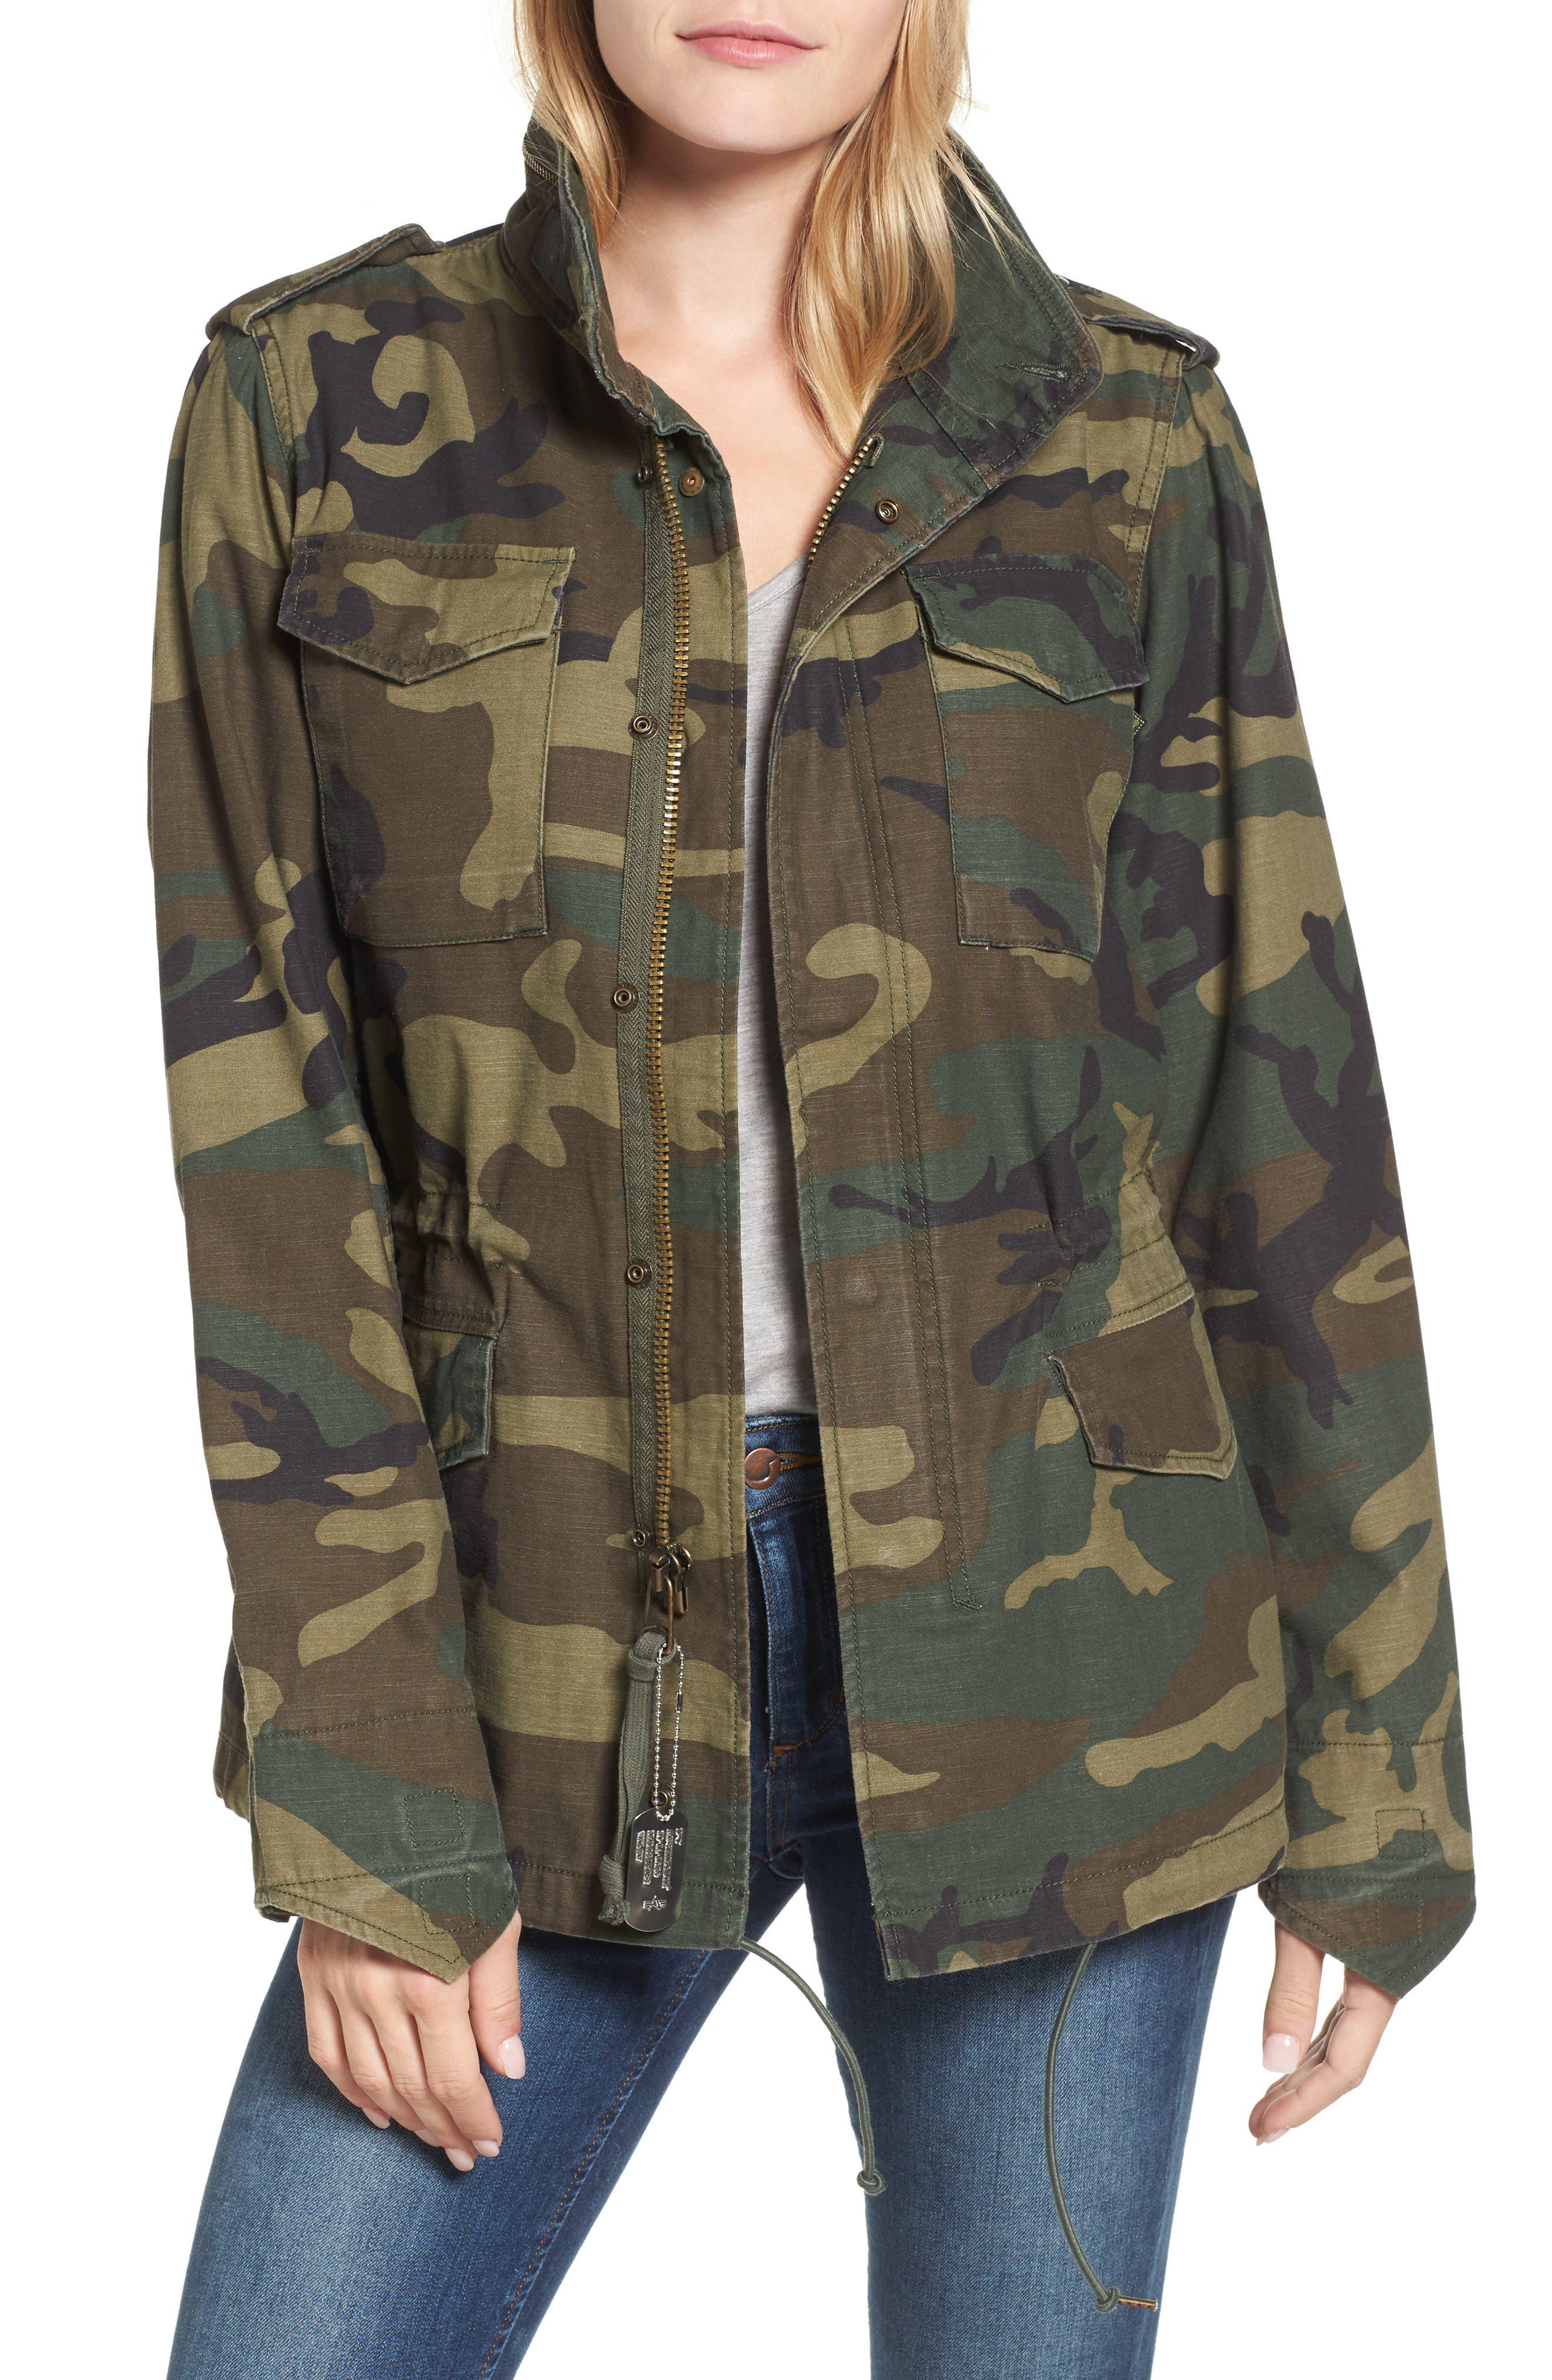 M-65 Defender Camo Field Jacket,                         Main,                         color, Woodland Camo